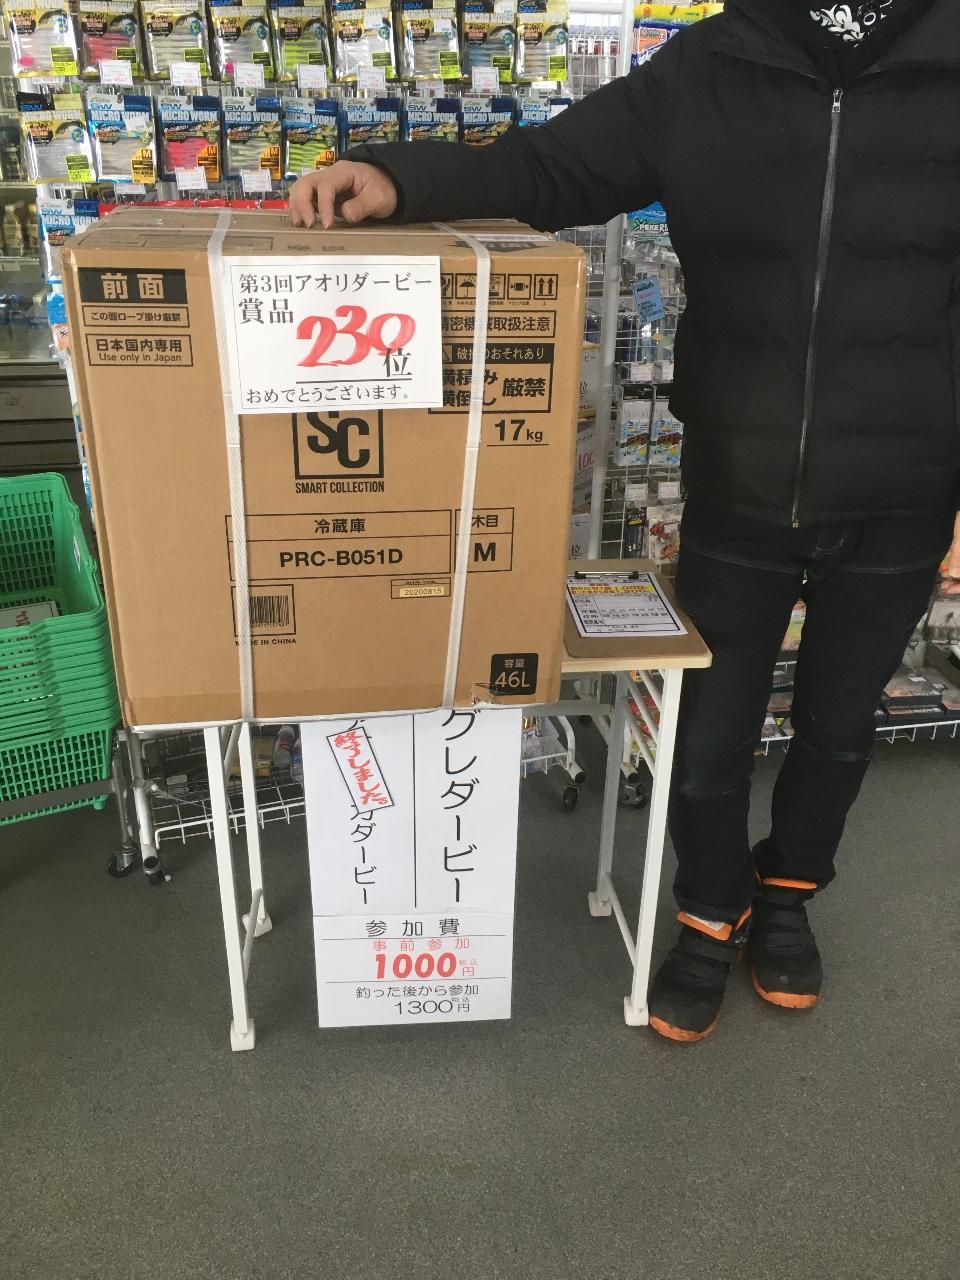 1/18    第5回アオリダービー      230位  フジラッピ様  小型冷蔵庫get !! おめでとうございます。